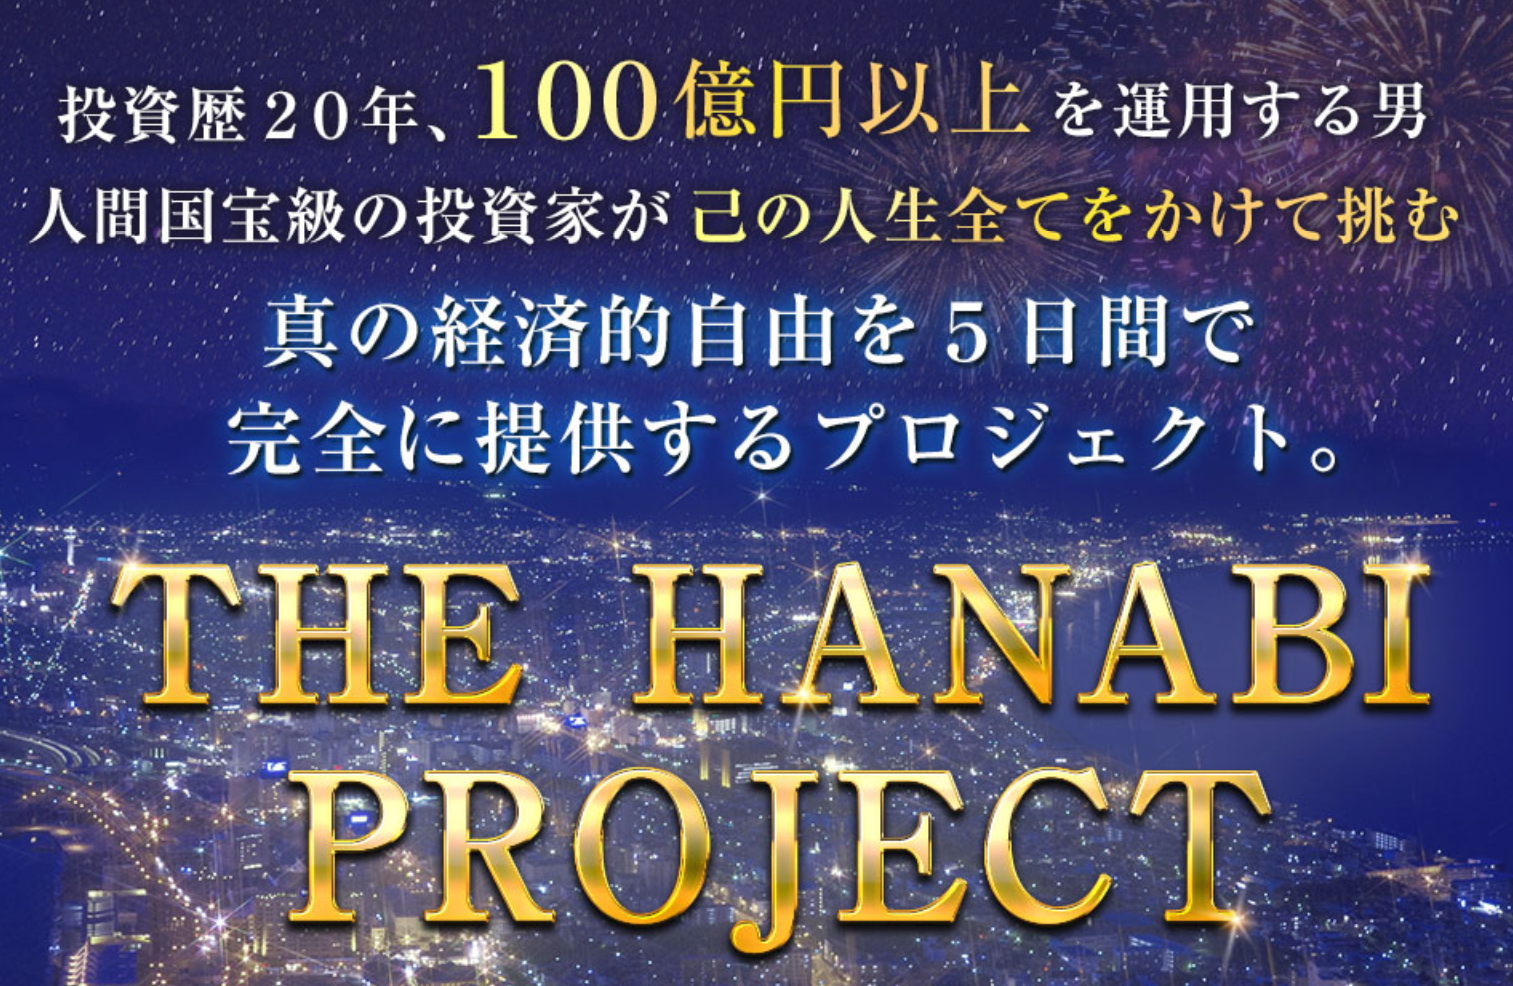 成田童夢 THE HANABI PROJECTって一体なに?稼げるのか?  評判 口コミ 詐欺 返金  ネットビジネス裁判官が独自の視点で検証していきます。